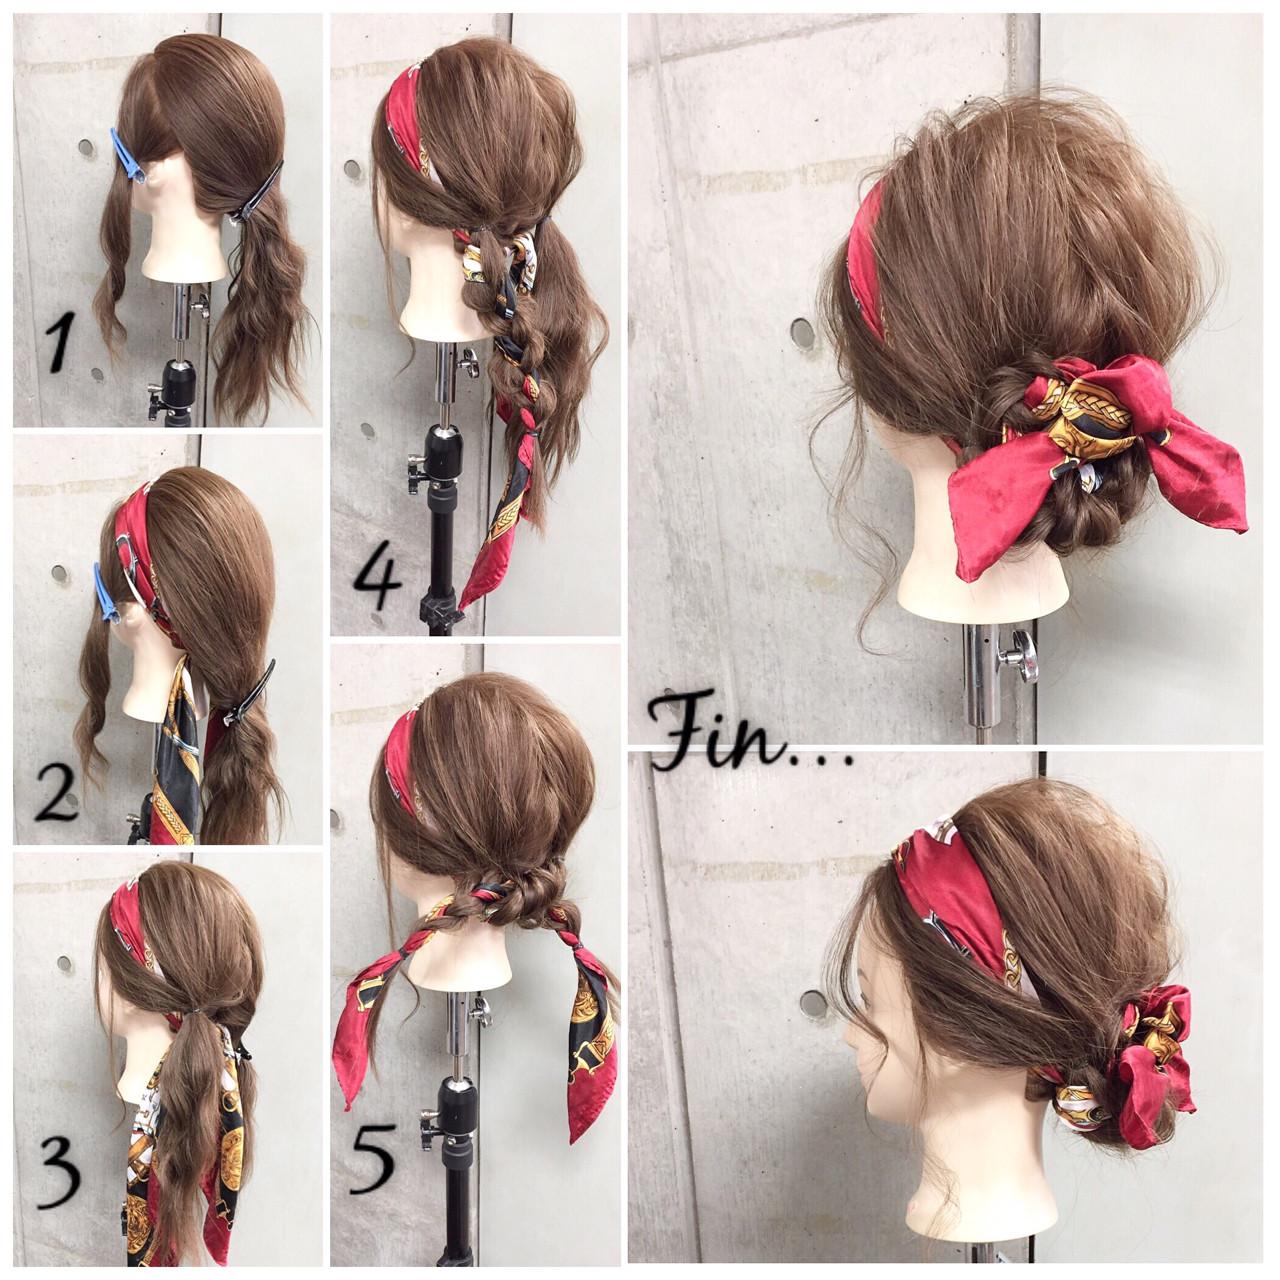 簡単ヘアアレンジ セミロング ヘアアレンジ 三つ編み ヘアスタイルや髪型の写真・画像